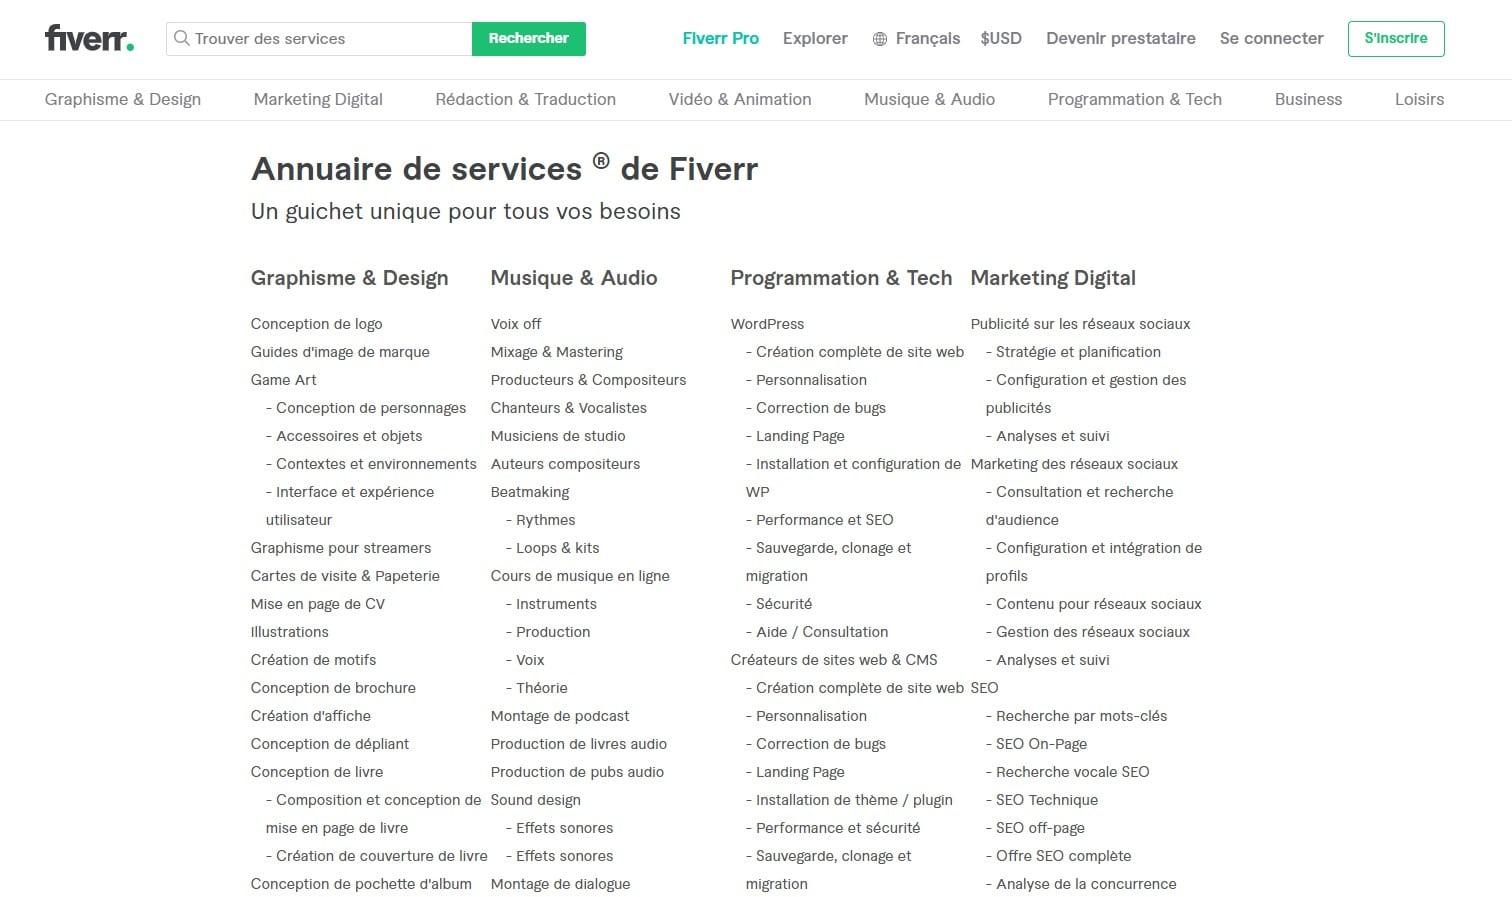 Fiverr - Annuaire des services